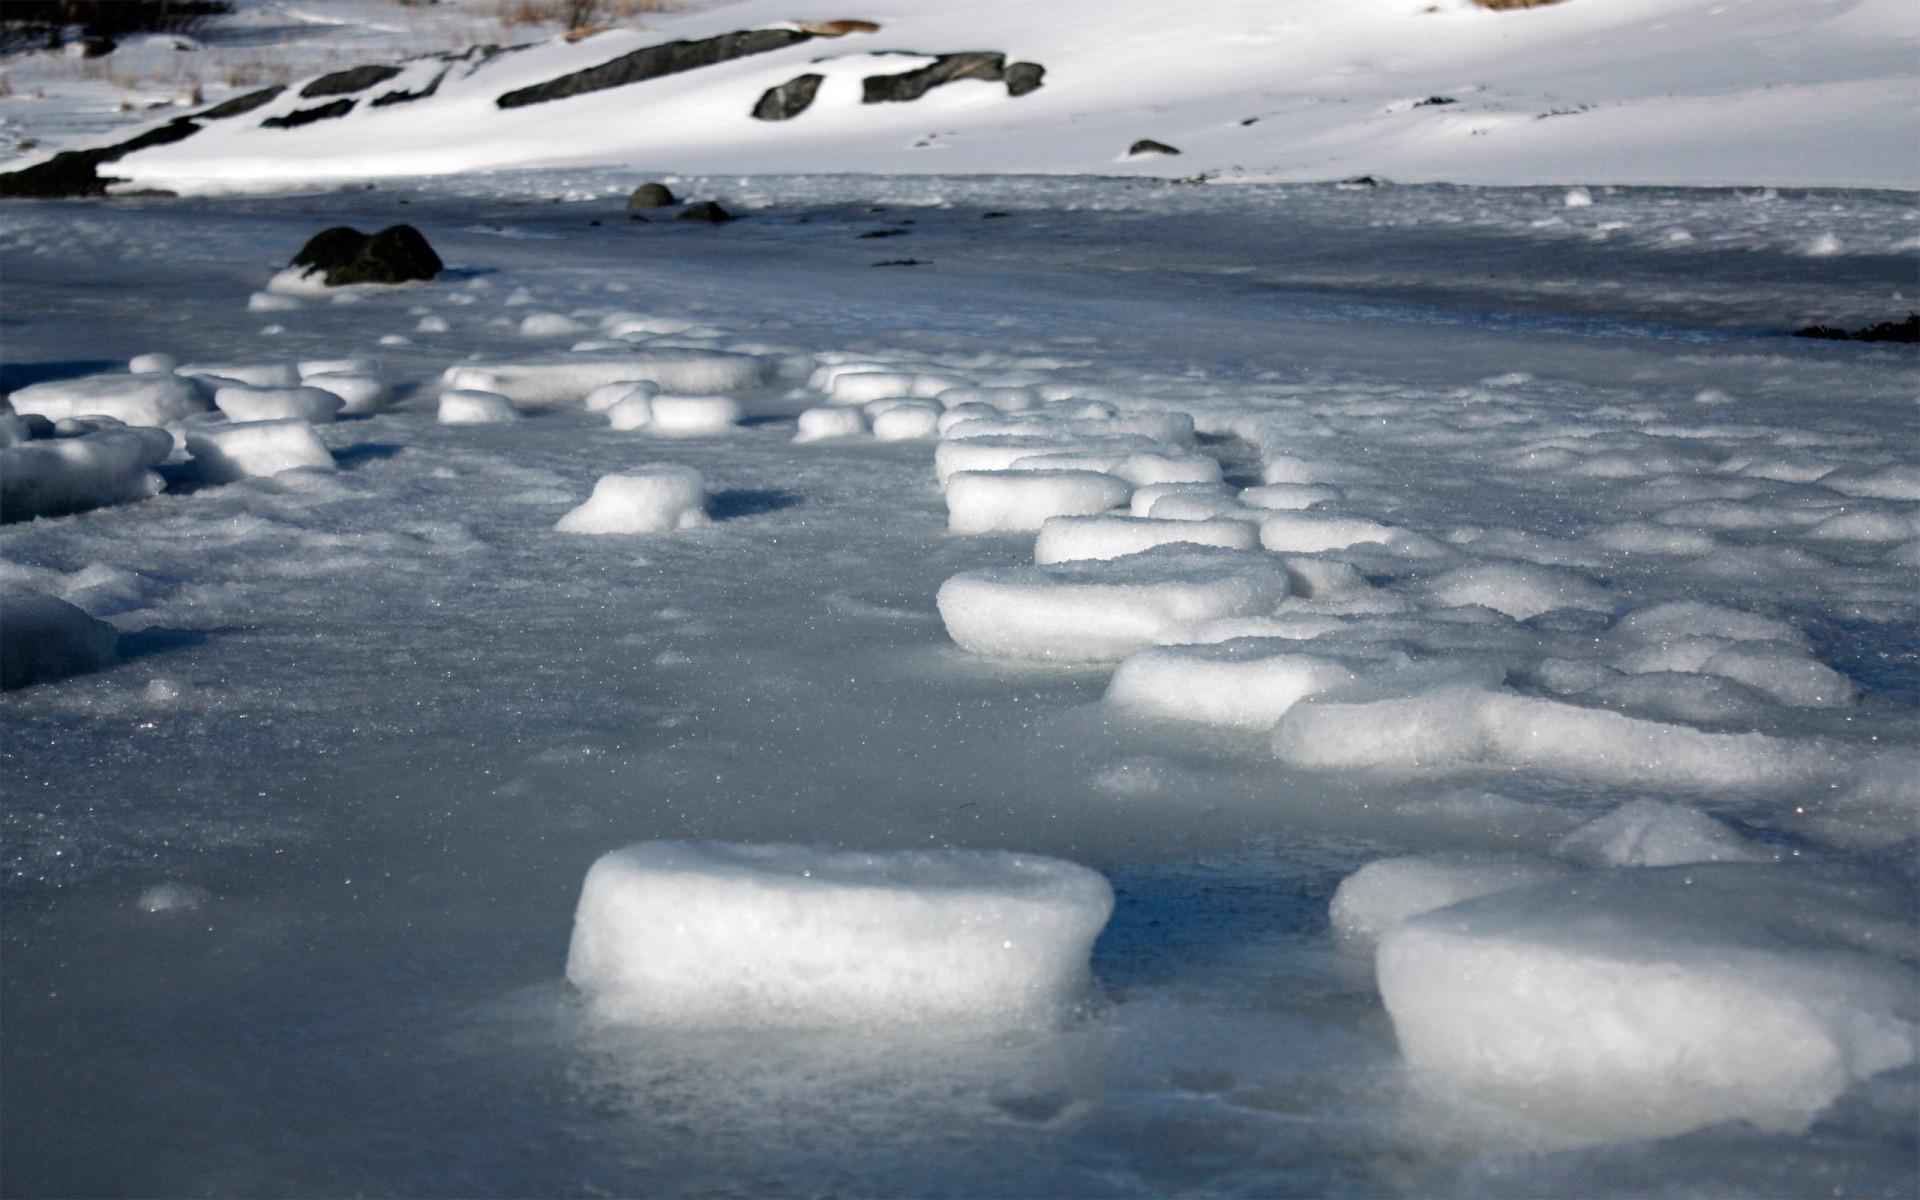 картинки о весеннем льде надо срочно выпустить